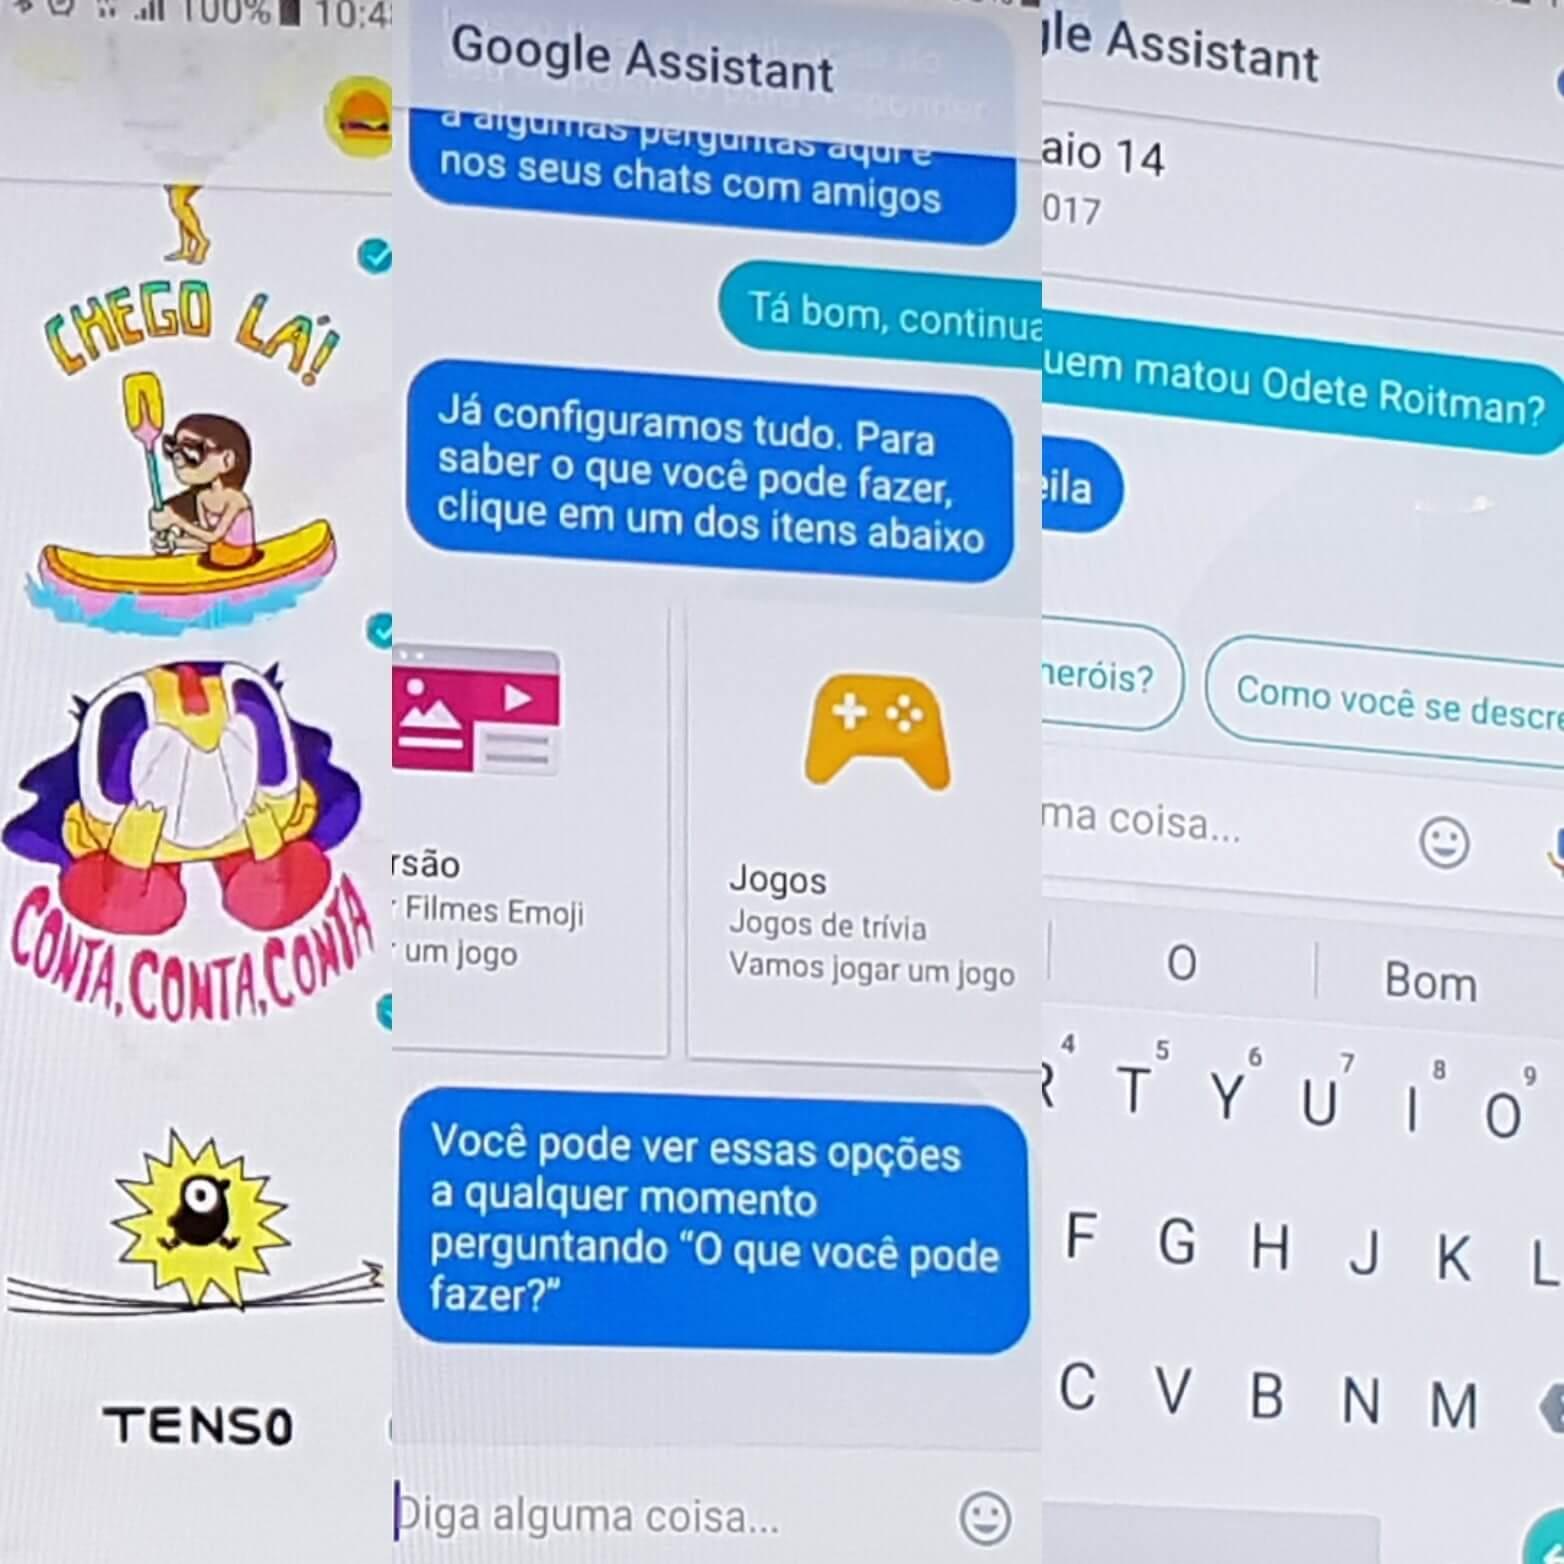 Google allo ganha novidades especiais para o brasil. O google convidou a imprensa nesta manhã da segunda-feira (05) para apresentar novidades sobre seu aplicativo de mensagens com pitadas de inteligência artificial, o google allo.